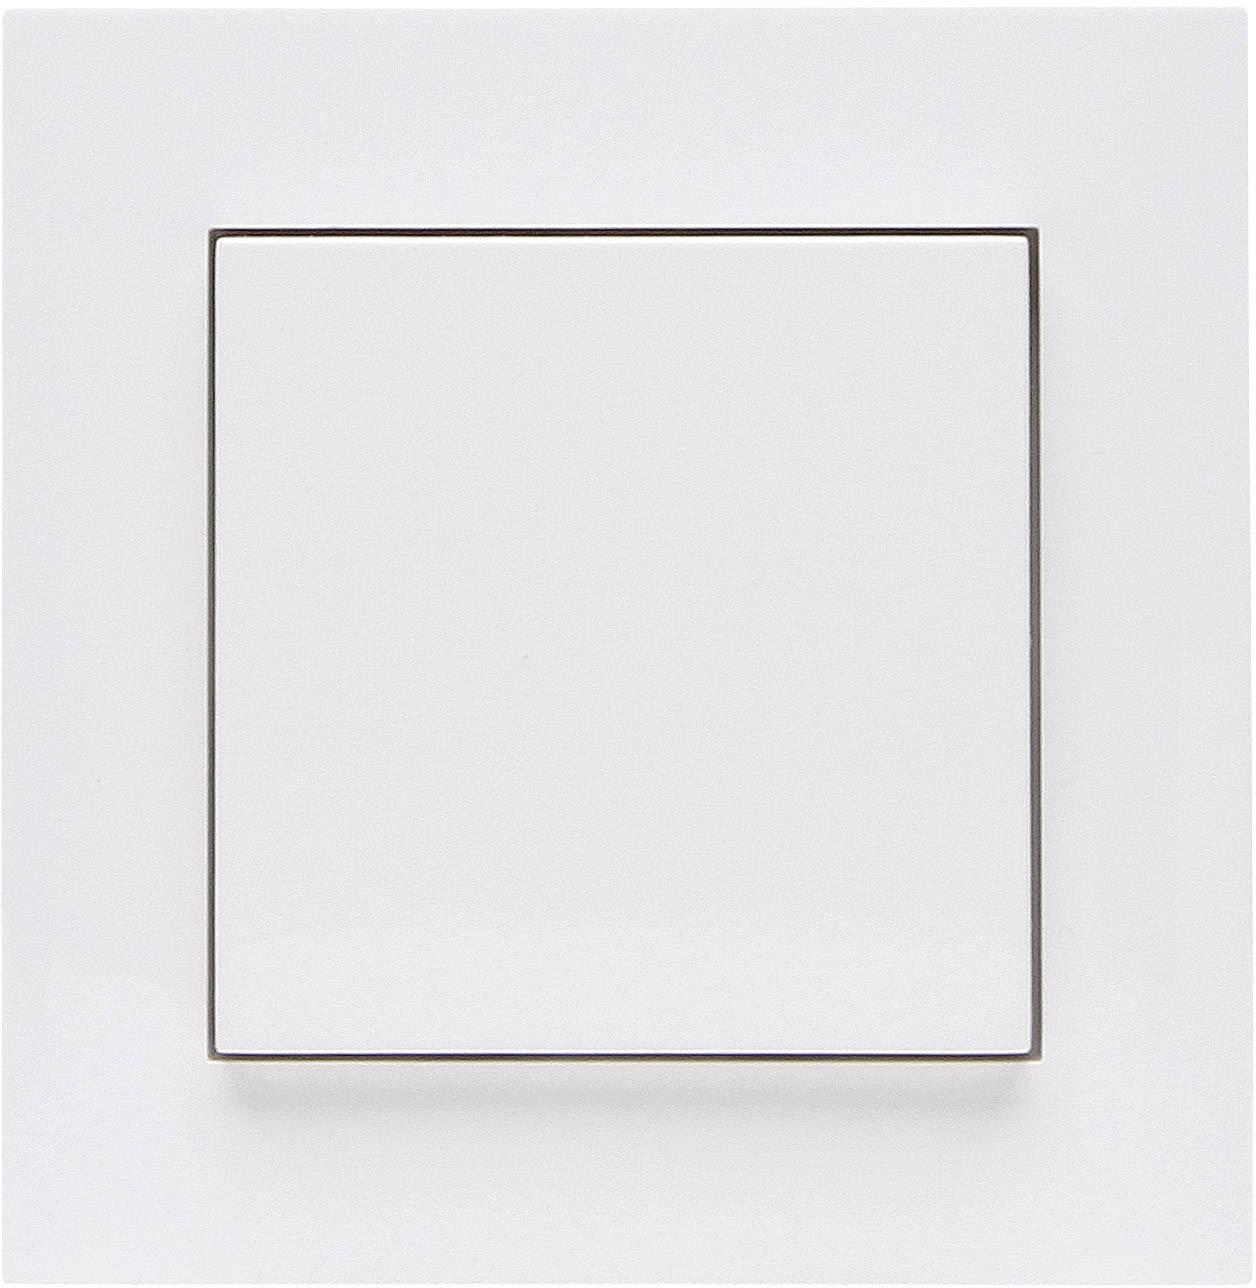 Bezdrôtový nástenný spínač Kopp Free Control RC ATHENIS 1/2 822902023, 2-kanálový, čisto biela